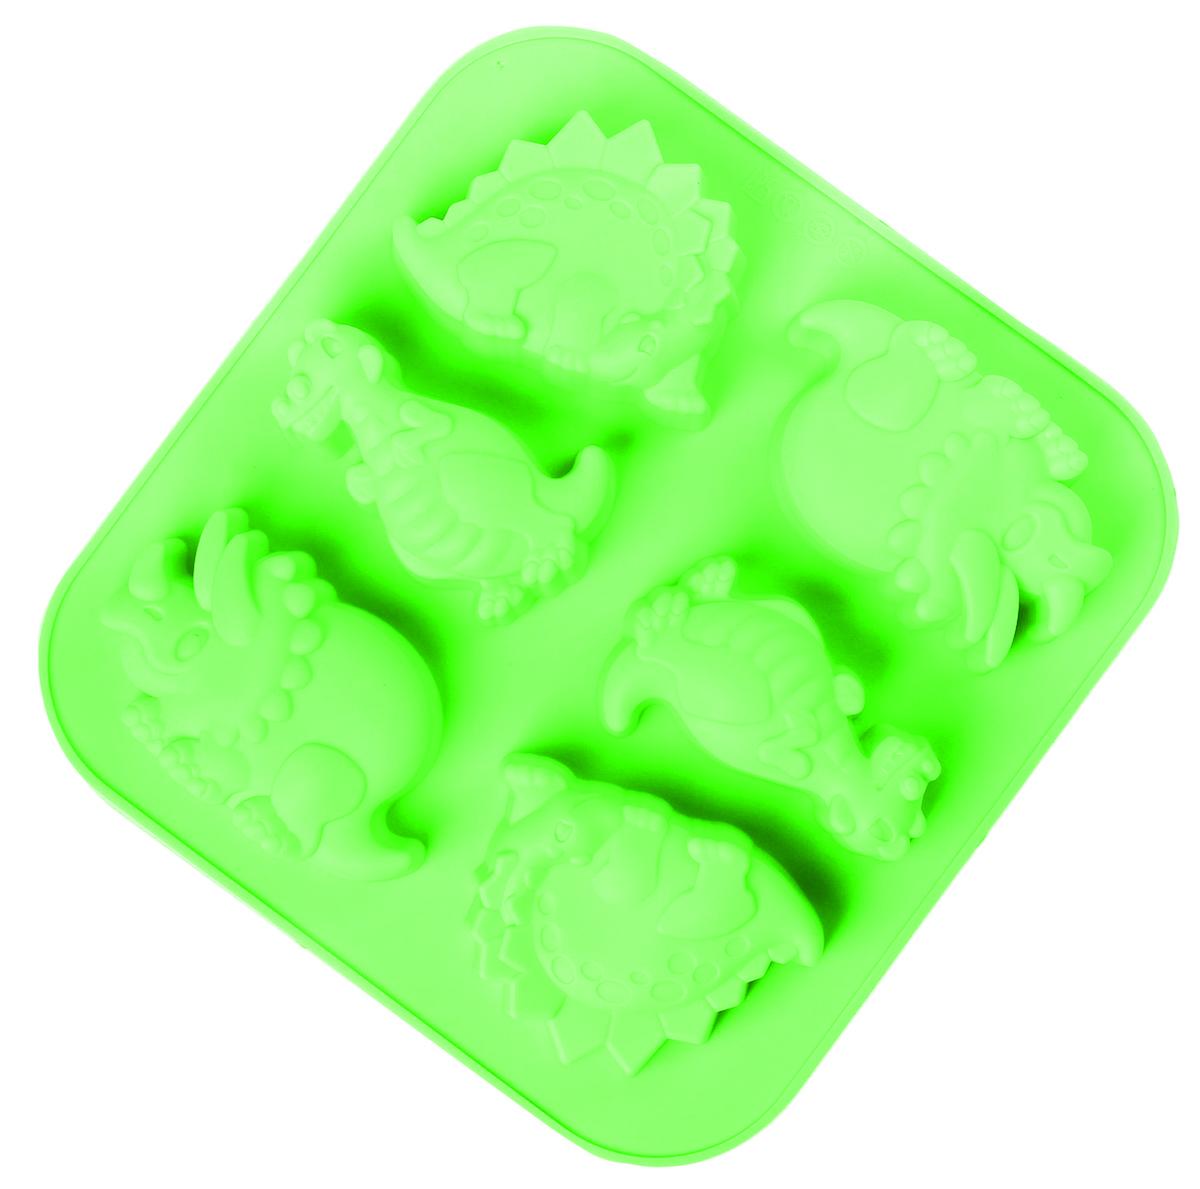 Форма для выпечки Доляна Носорог, крокодил, динозавр, силиконовая, цвет: зеленый, 27,8 х 26,9 х 3,6 см, 6 ячеек2798197_зеленыйОт качества посуды зависит не только вкус еды, но и здоровье человека. Форма для выпечки — товар, соответствующий российским стандартам качества. Любой хозяйке будет приятно держать его в руках.